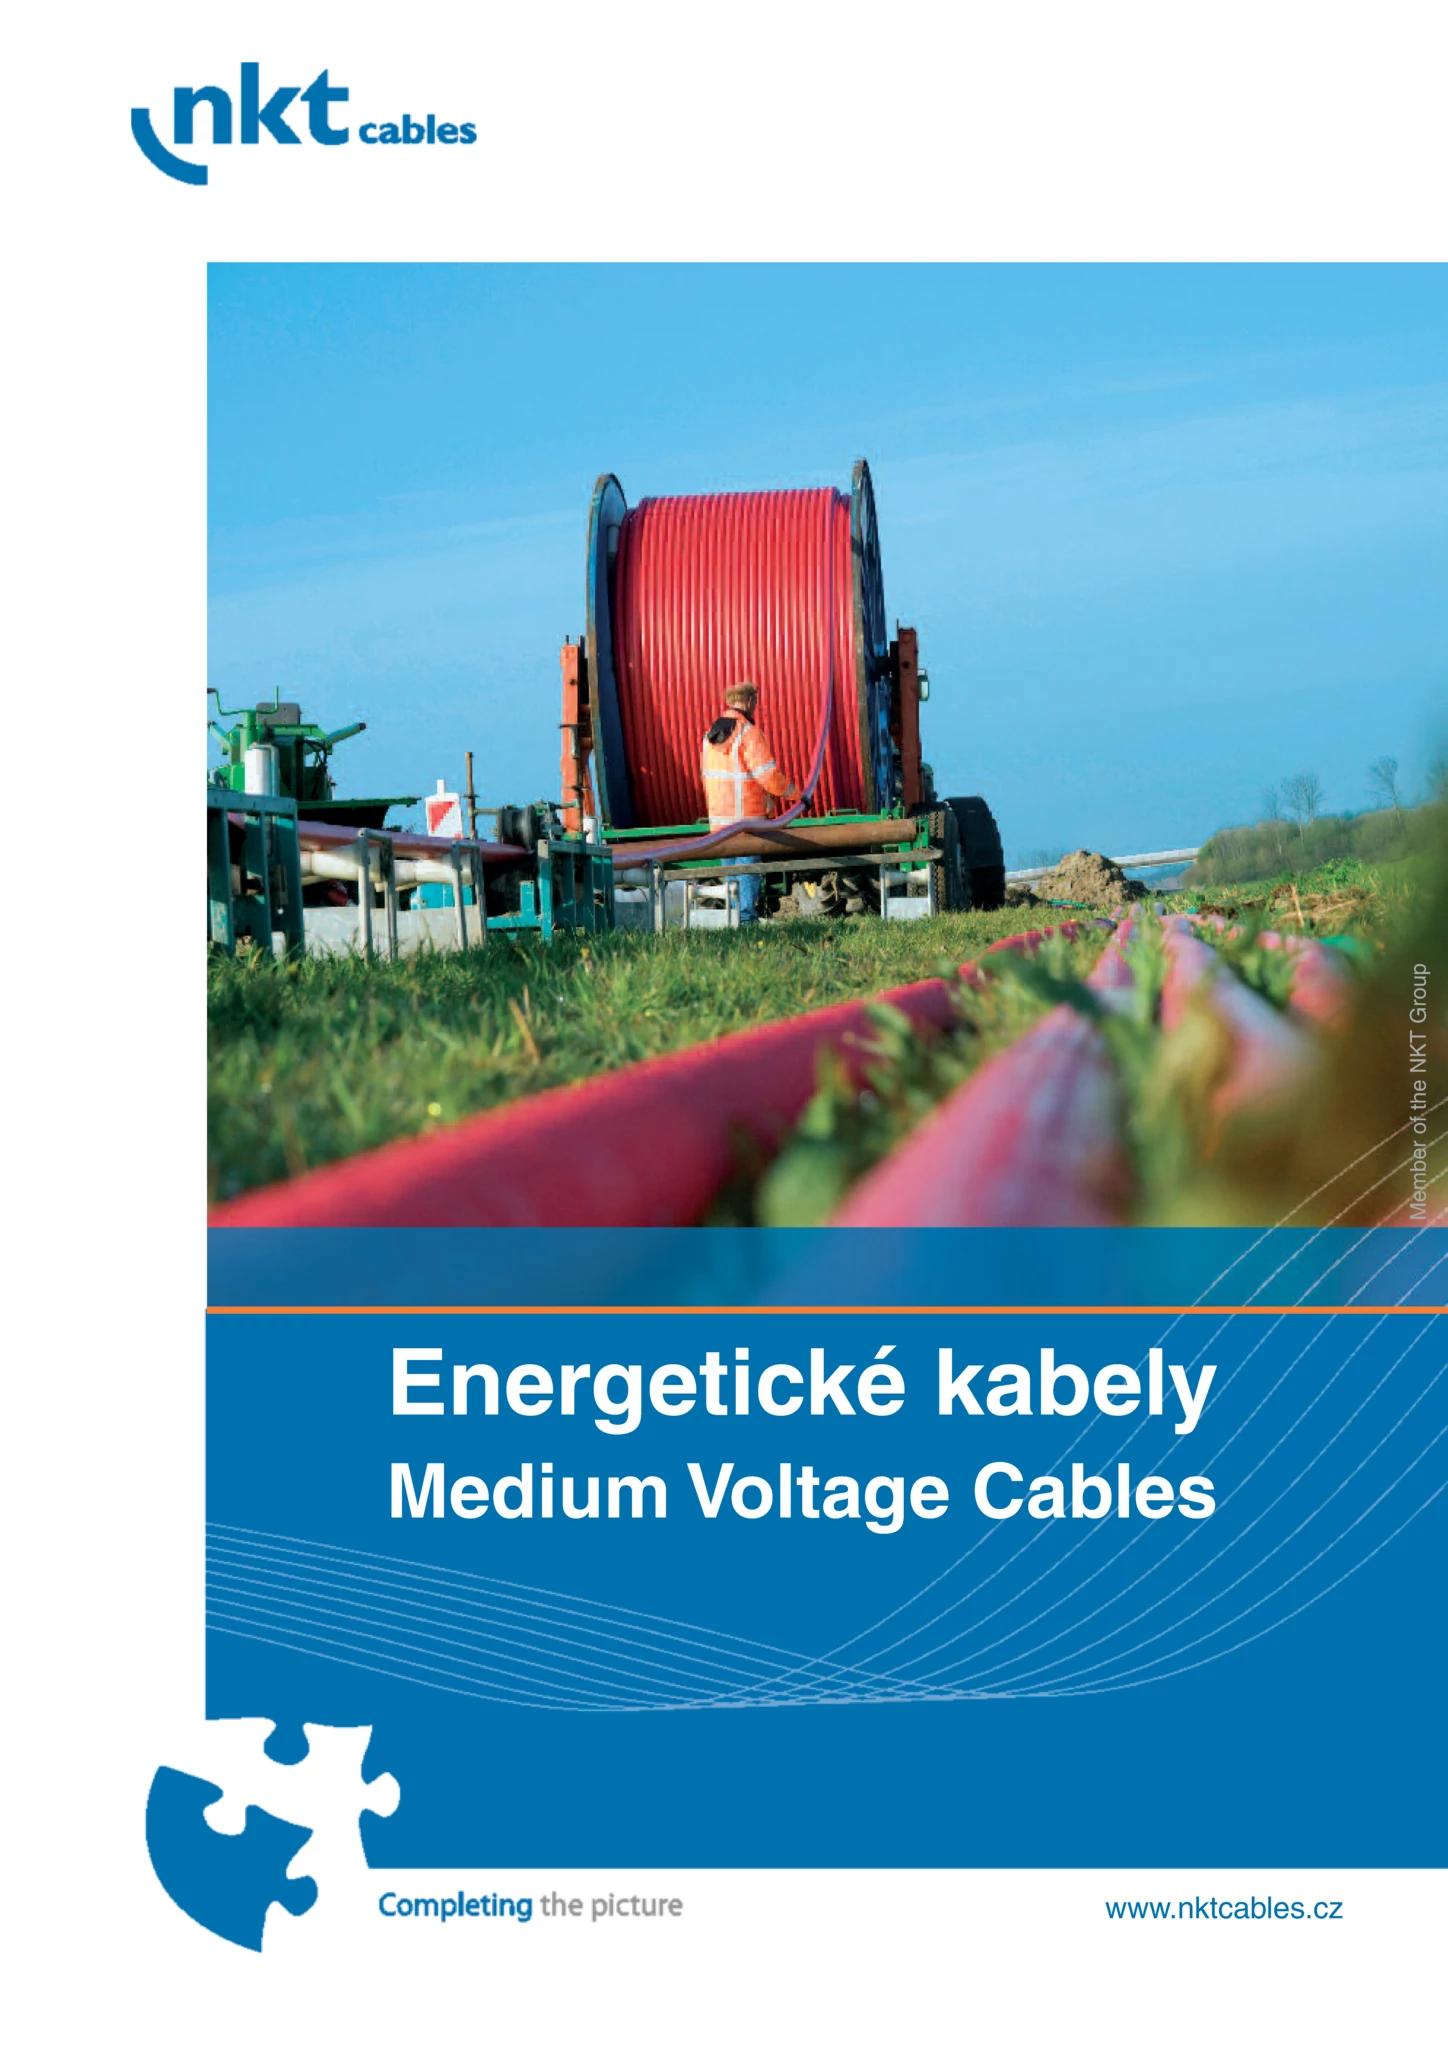 Energeticke_kabely_CZ-EN_2013[1].pdf